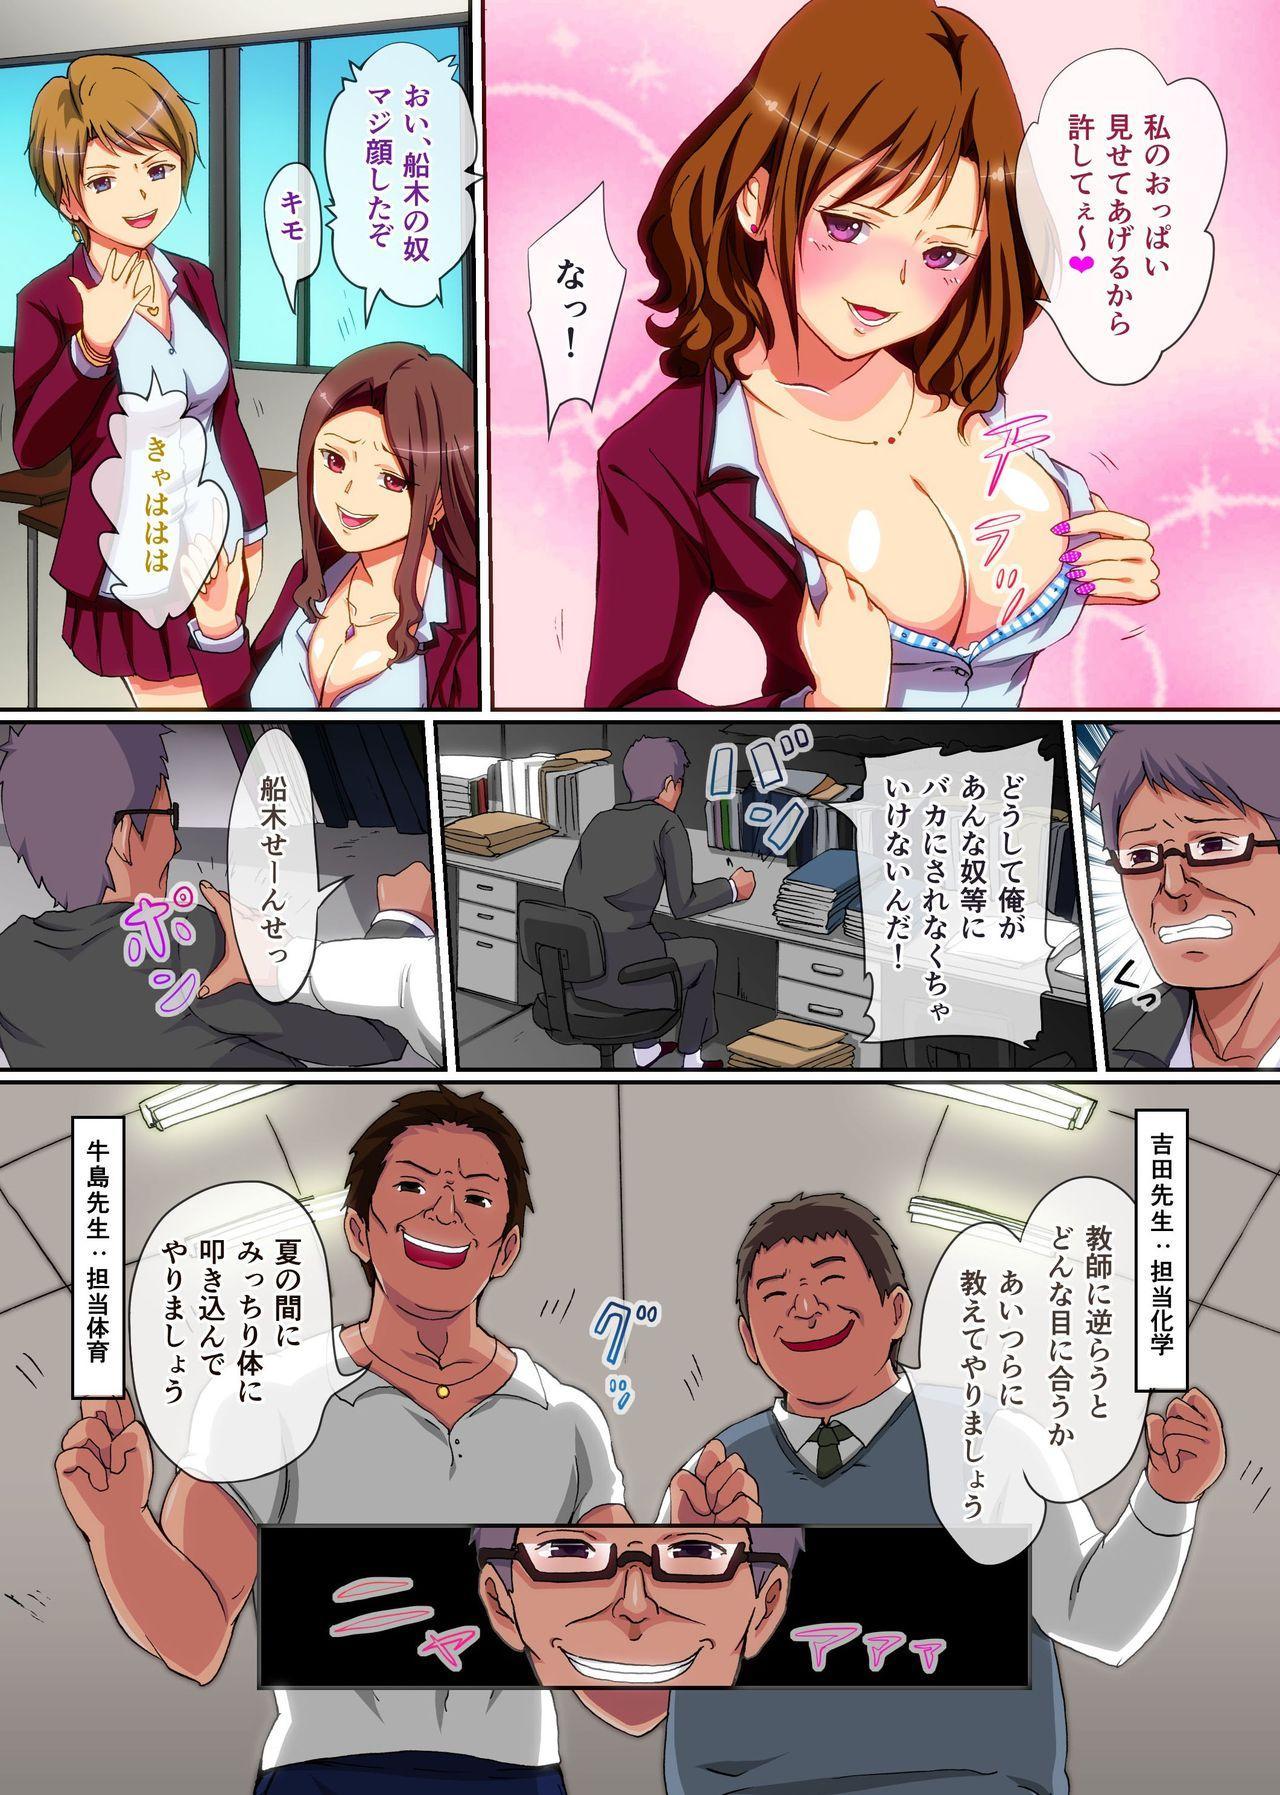 [MC (Kuroinu)] Namaiki na Oshiego no Joshi Seito-tachi o Kyoushitsu ni Yobidashite SEX-zuke ni Shite Dansei Kyoushi Senyou no Kyouyuu Nikutsubo ni! 3